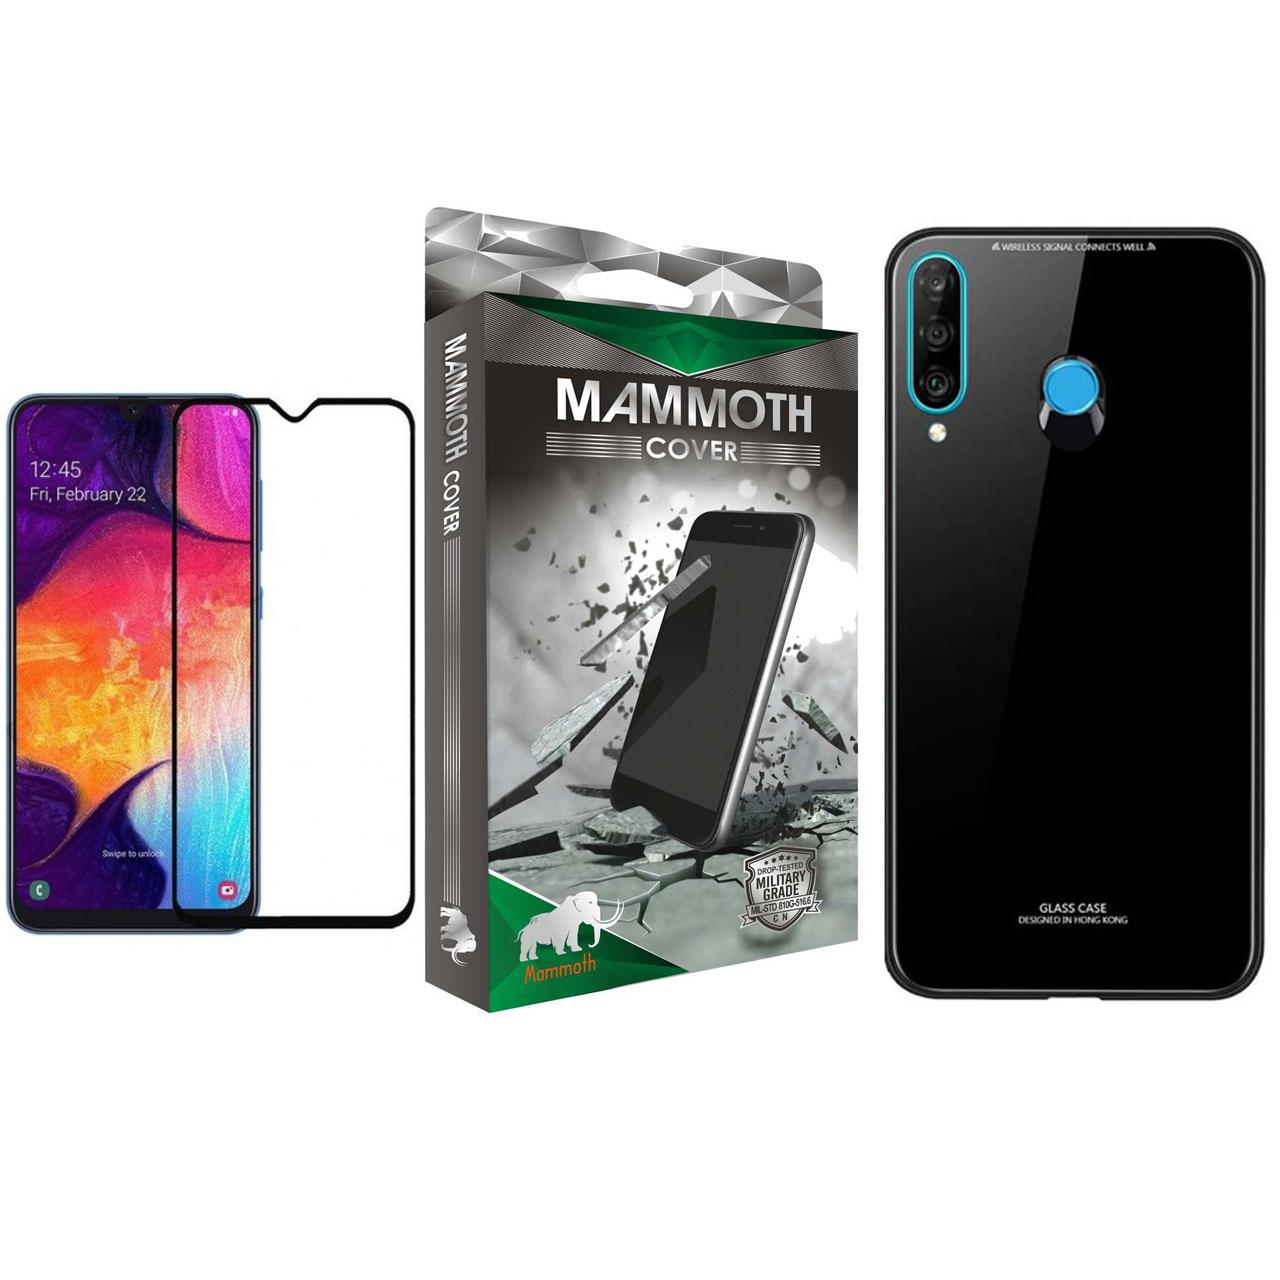 کاور ماموت مدل PGMA مناسب برای گوشی موبایل سامسونگ Galaxy A20s به همراه محافظ صفحه نمایش